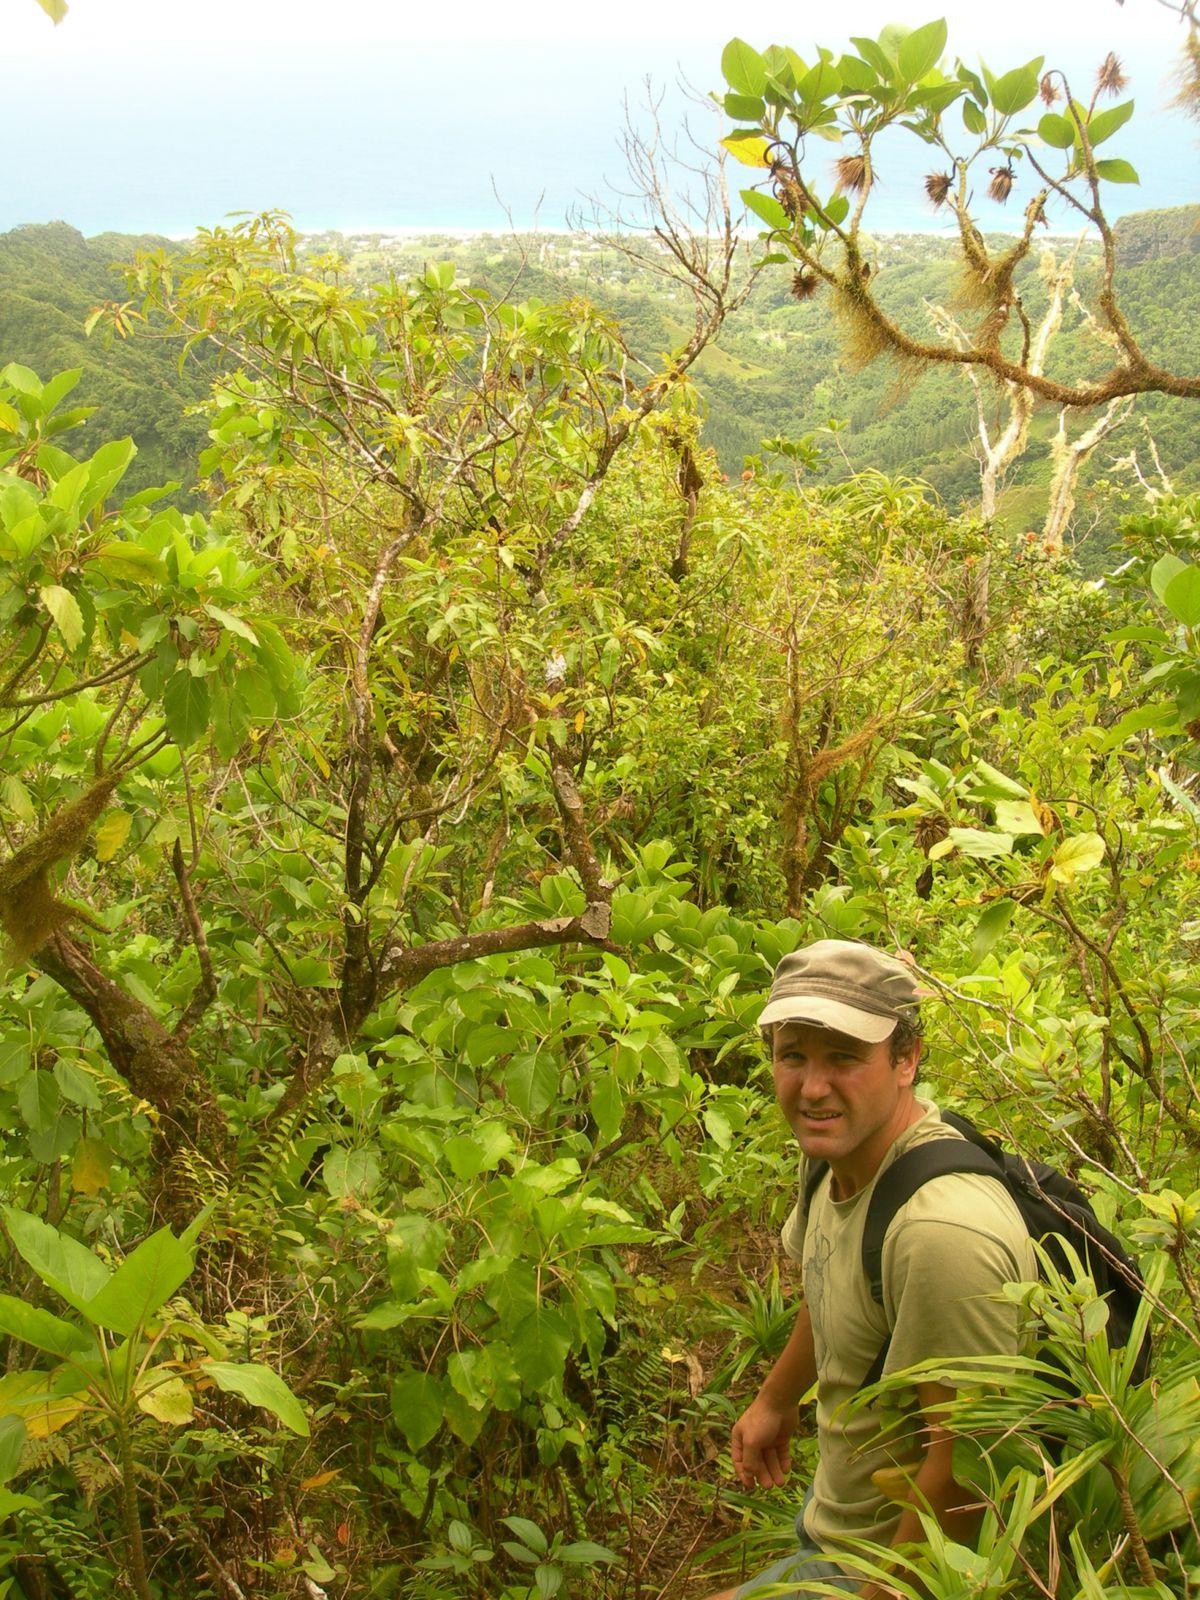 Rarotonga-Te-Manga-2-0ct-2009-Matiu-on-r